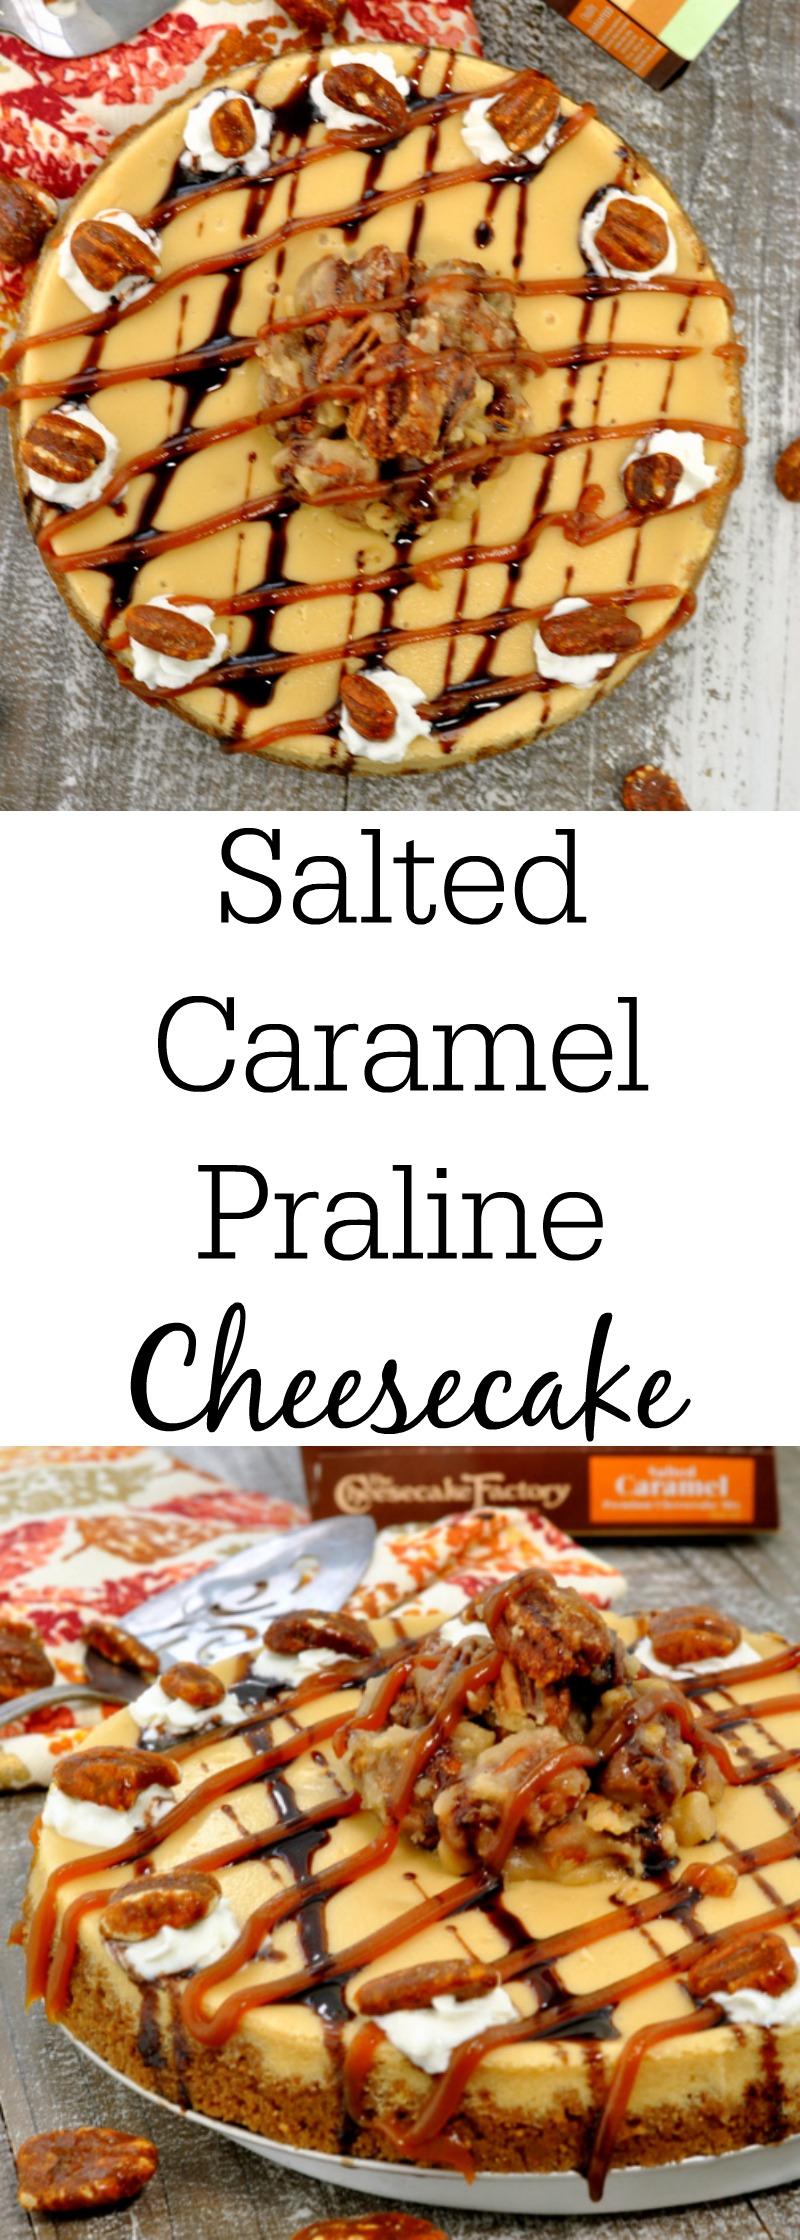 Salted Caramel Praline Cheesecake